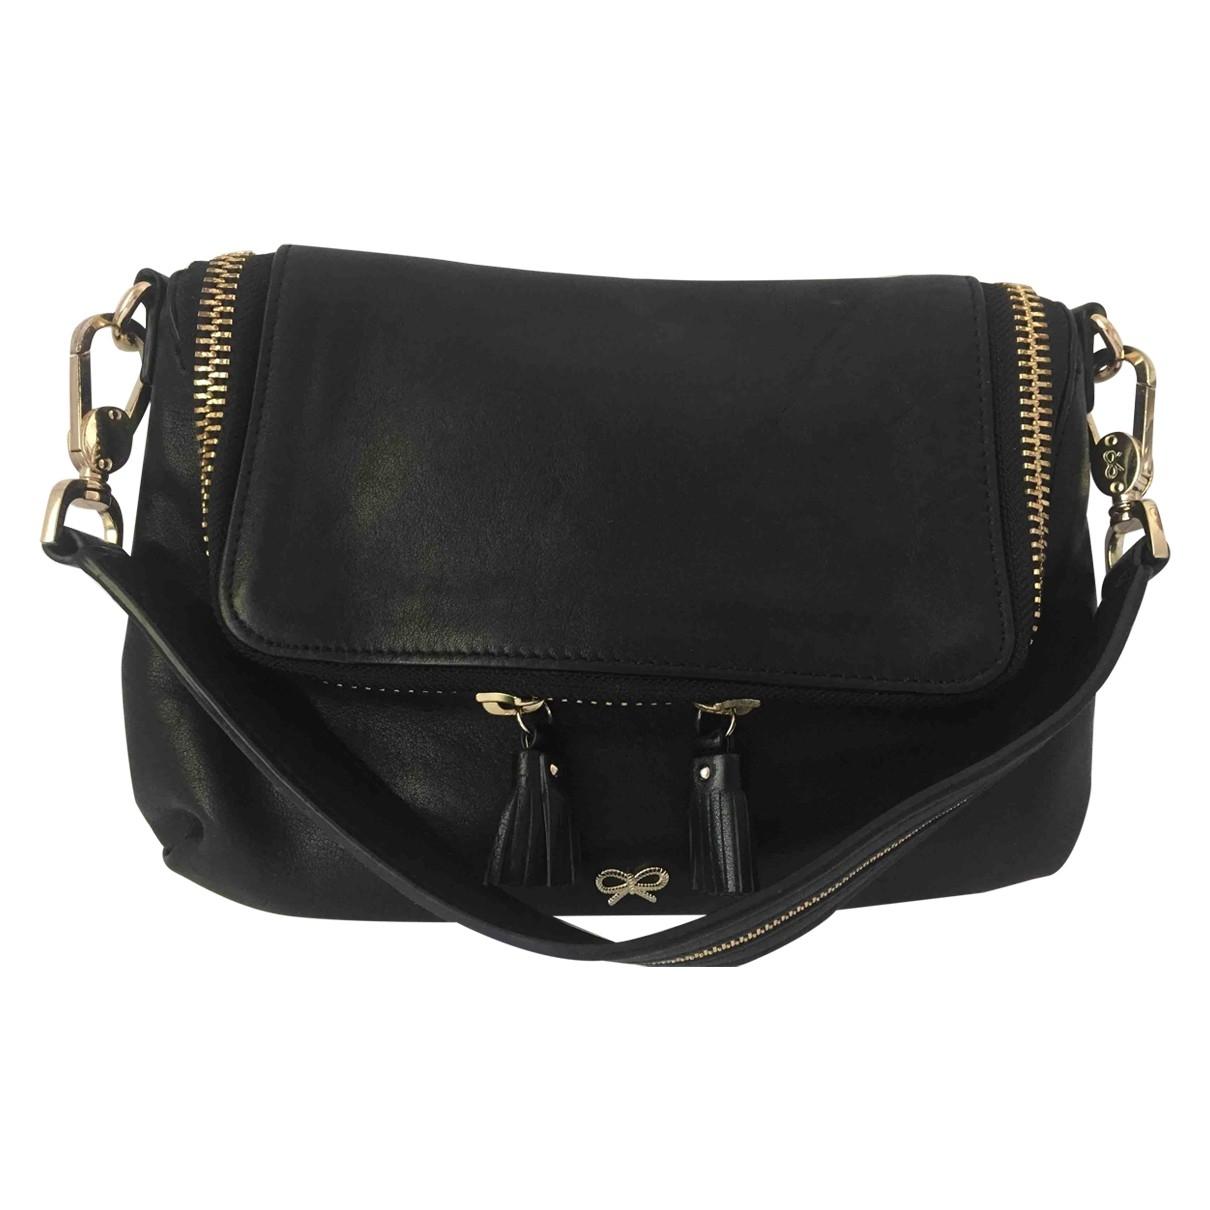 Anya Hindmarch Maxi Zip Handtasche in  Schwarz Leder